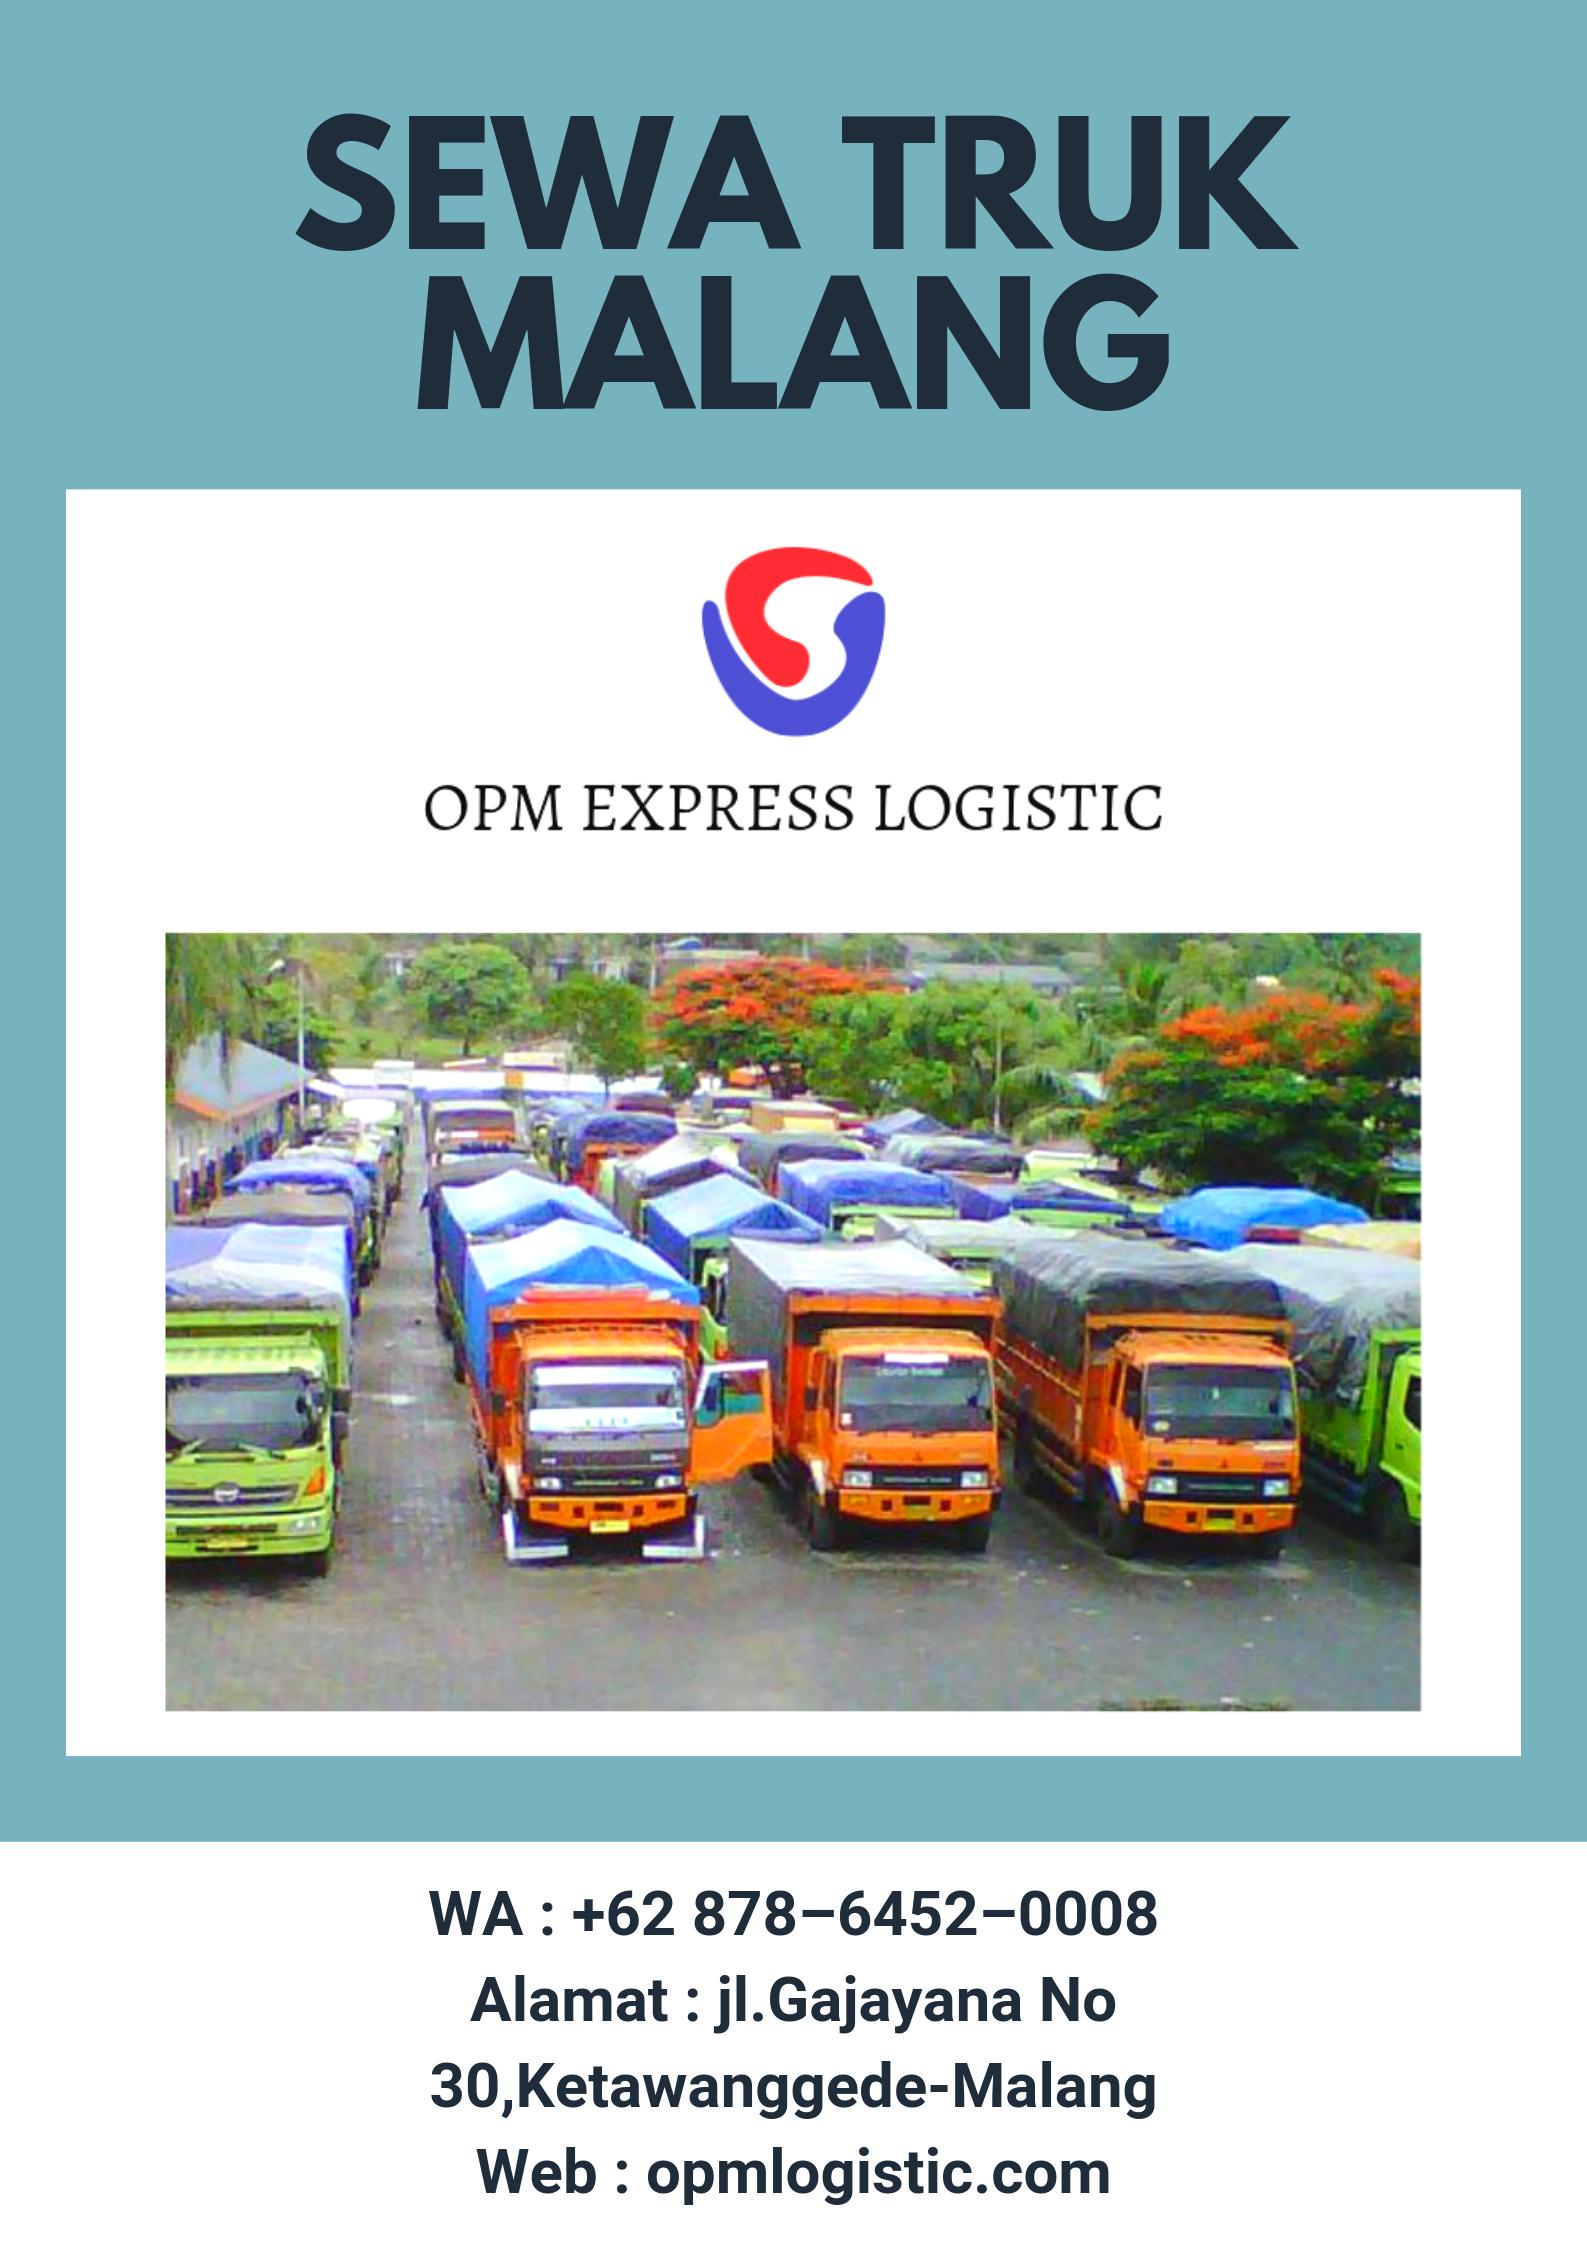 Sewa Truk Malang Wa 62 878 6452 0008 Opm Express Logistik Malang Lautan Pelayan